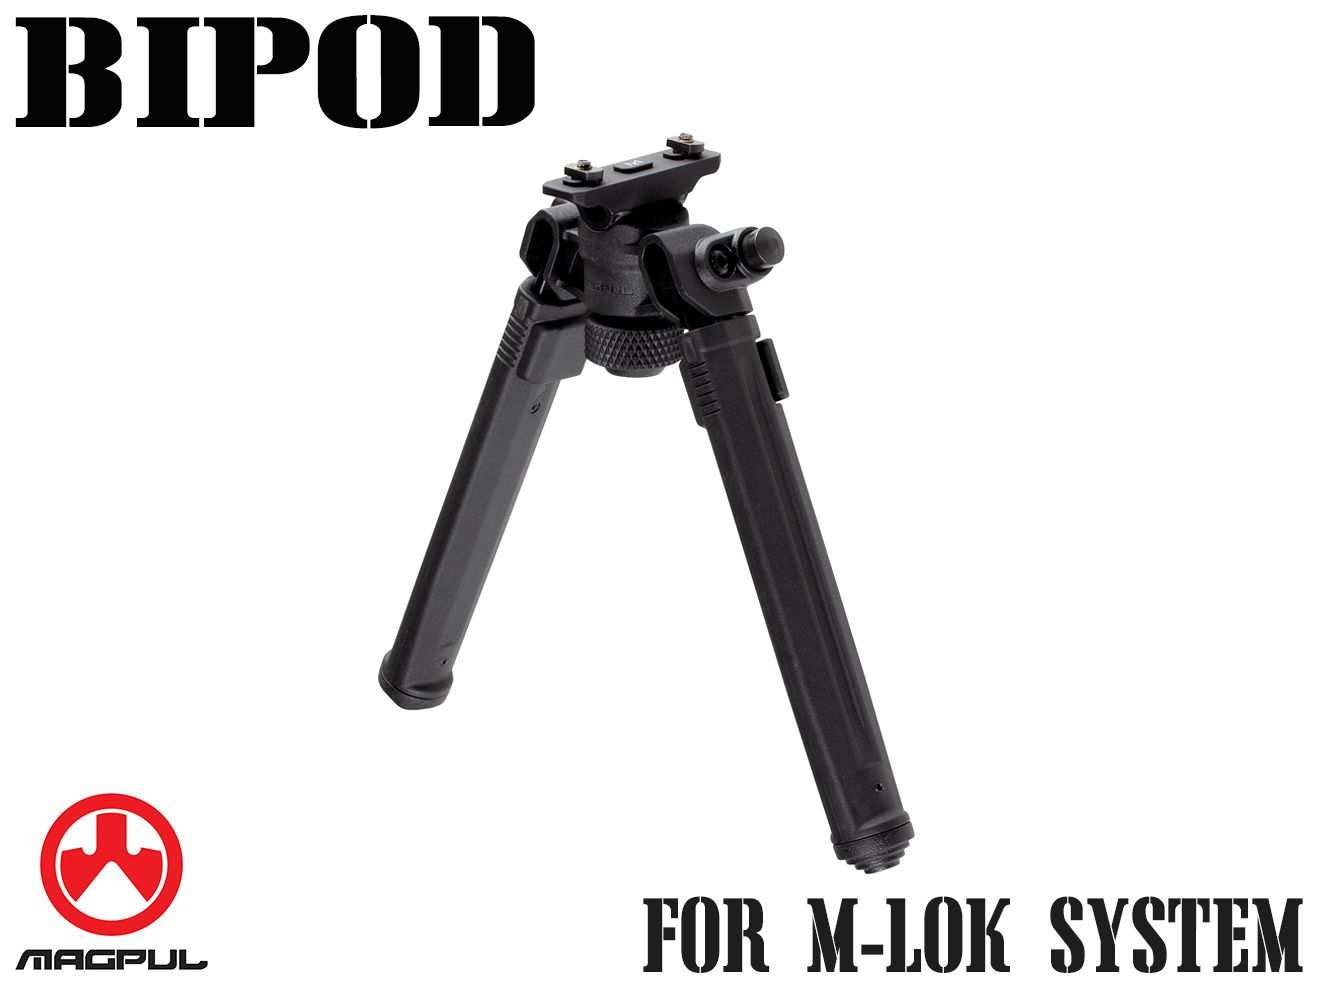 Magpul バイポッド for M-LOK◆BK マグプル正規品 エムロック ハンドガード/RAS/RIS/フォアエンド対応 7段階調整 軽量 高耐久 MA557490307